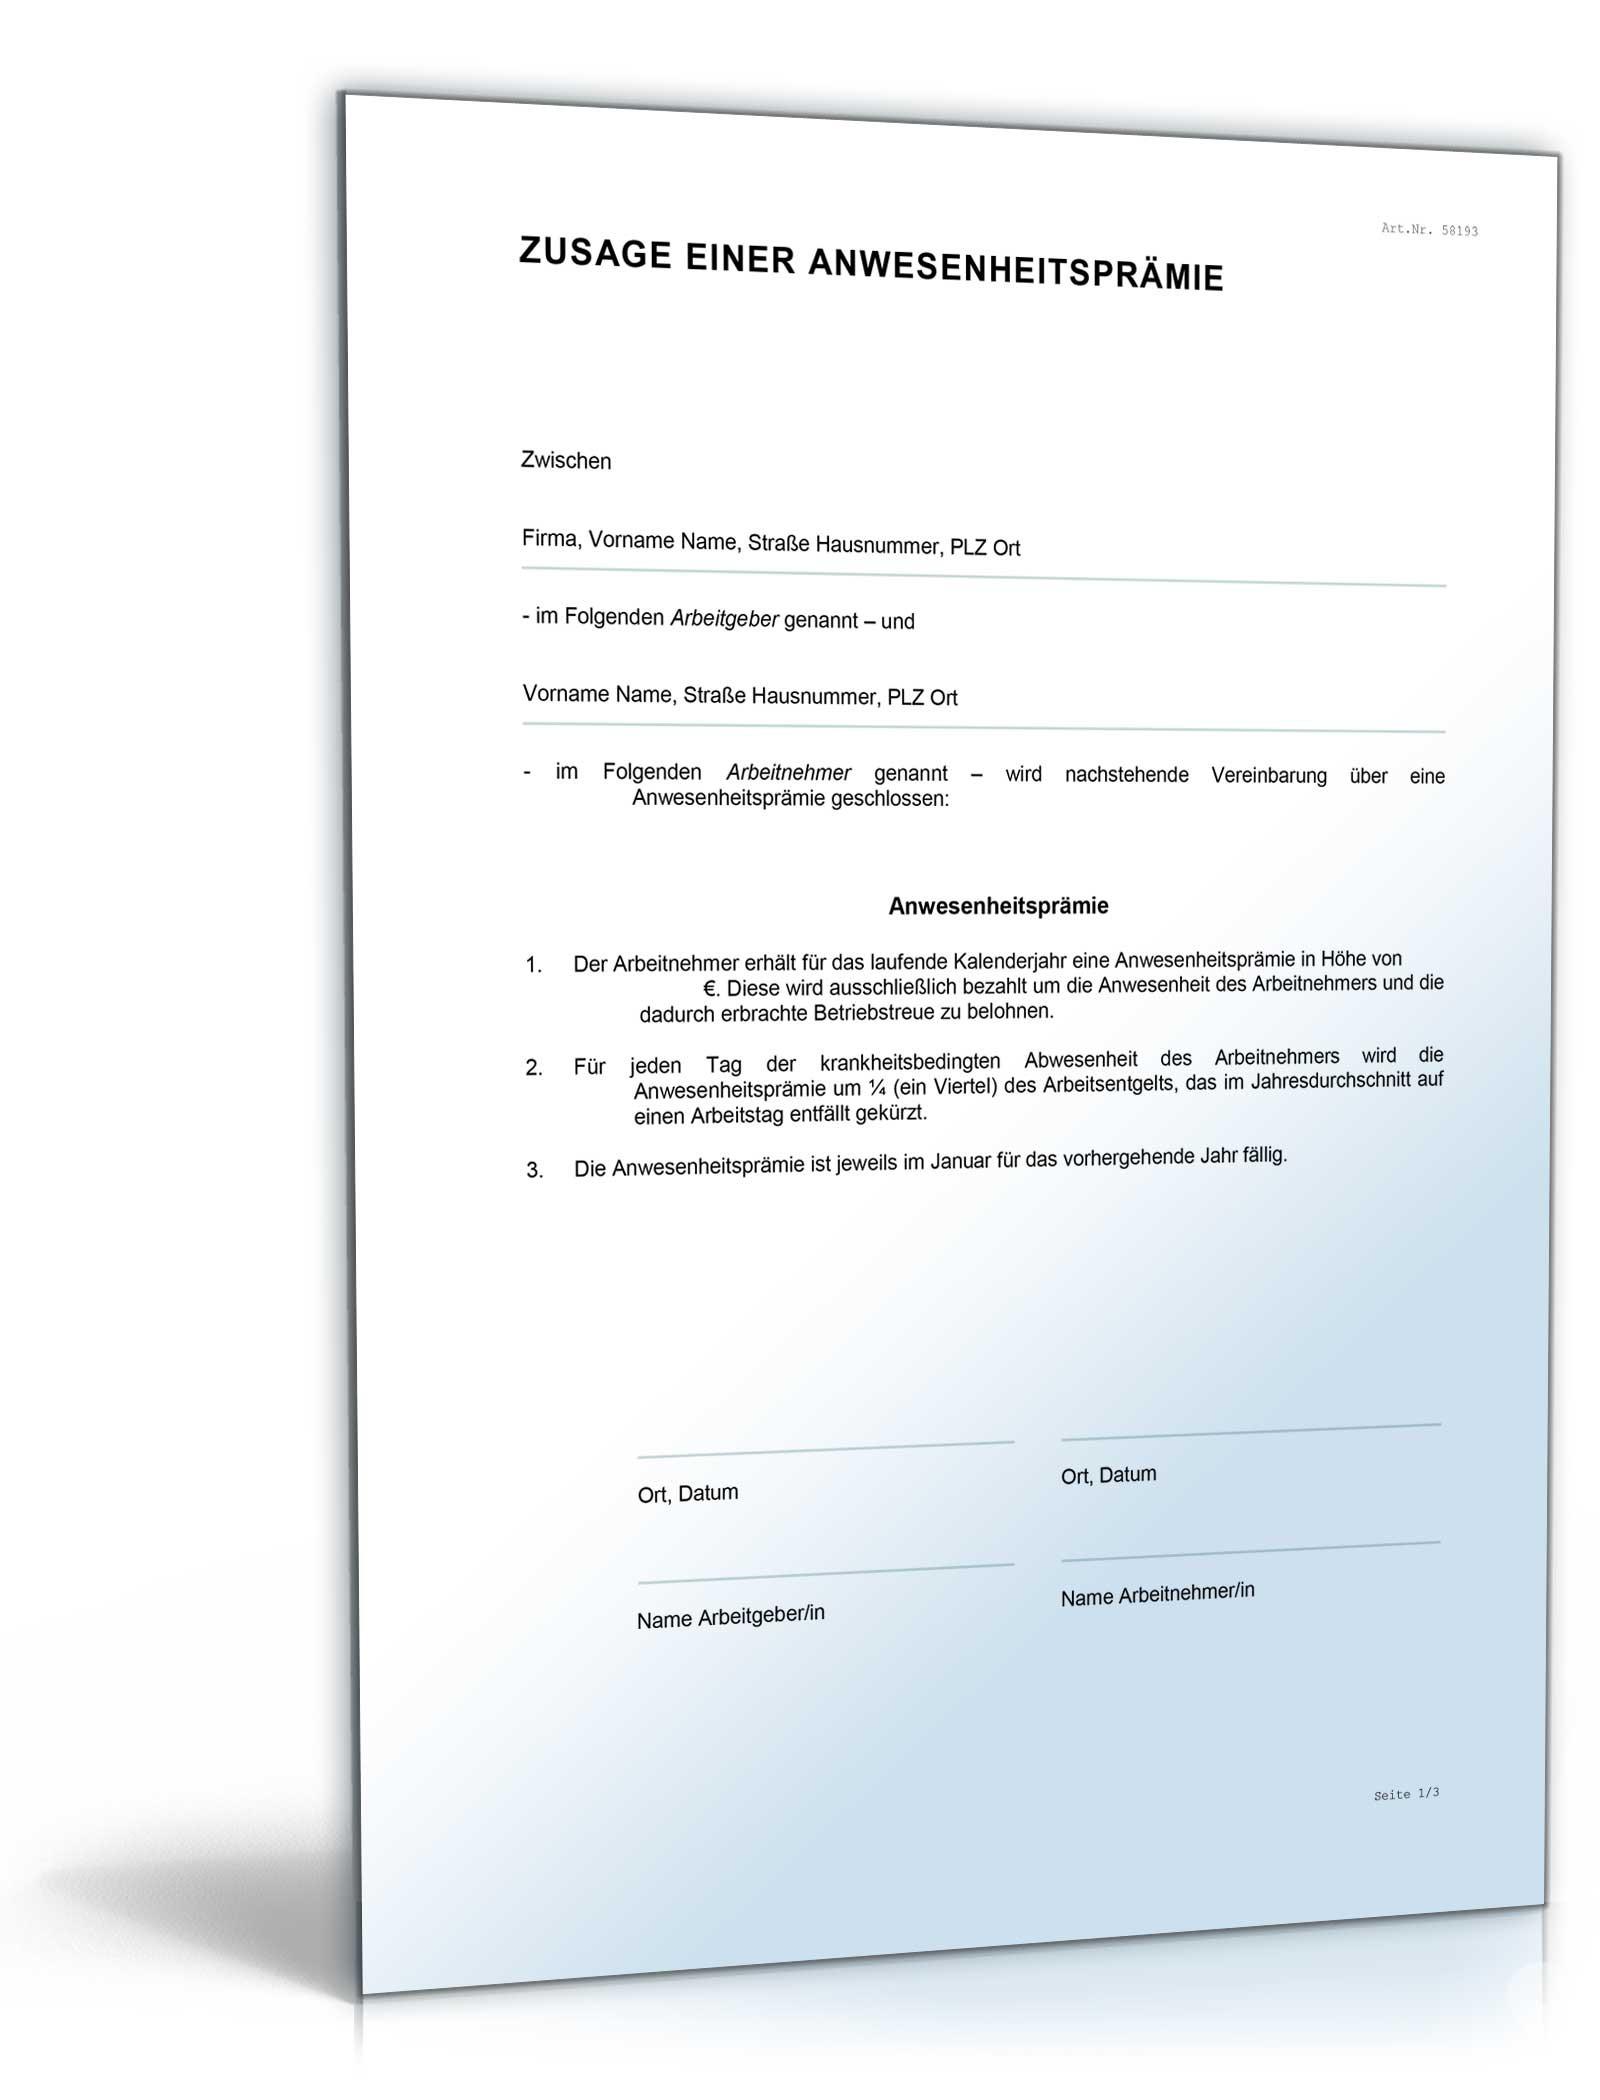 änderungsvereinbarung Anwesenheitsprämie Muster Zum Download